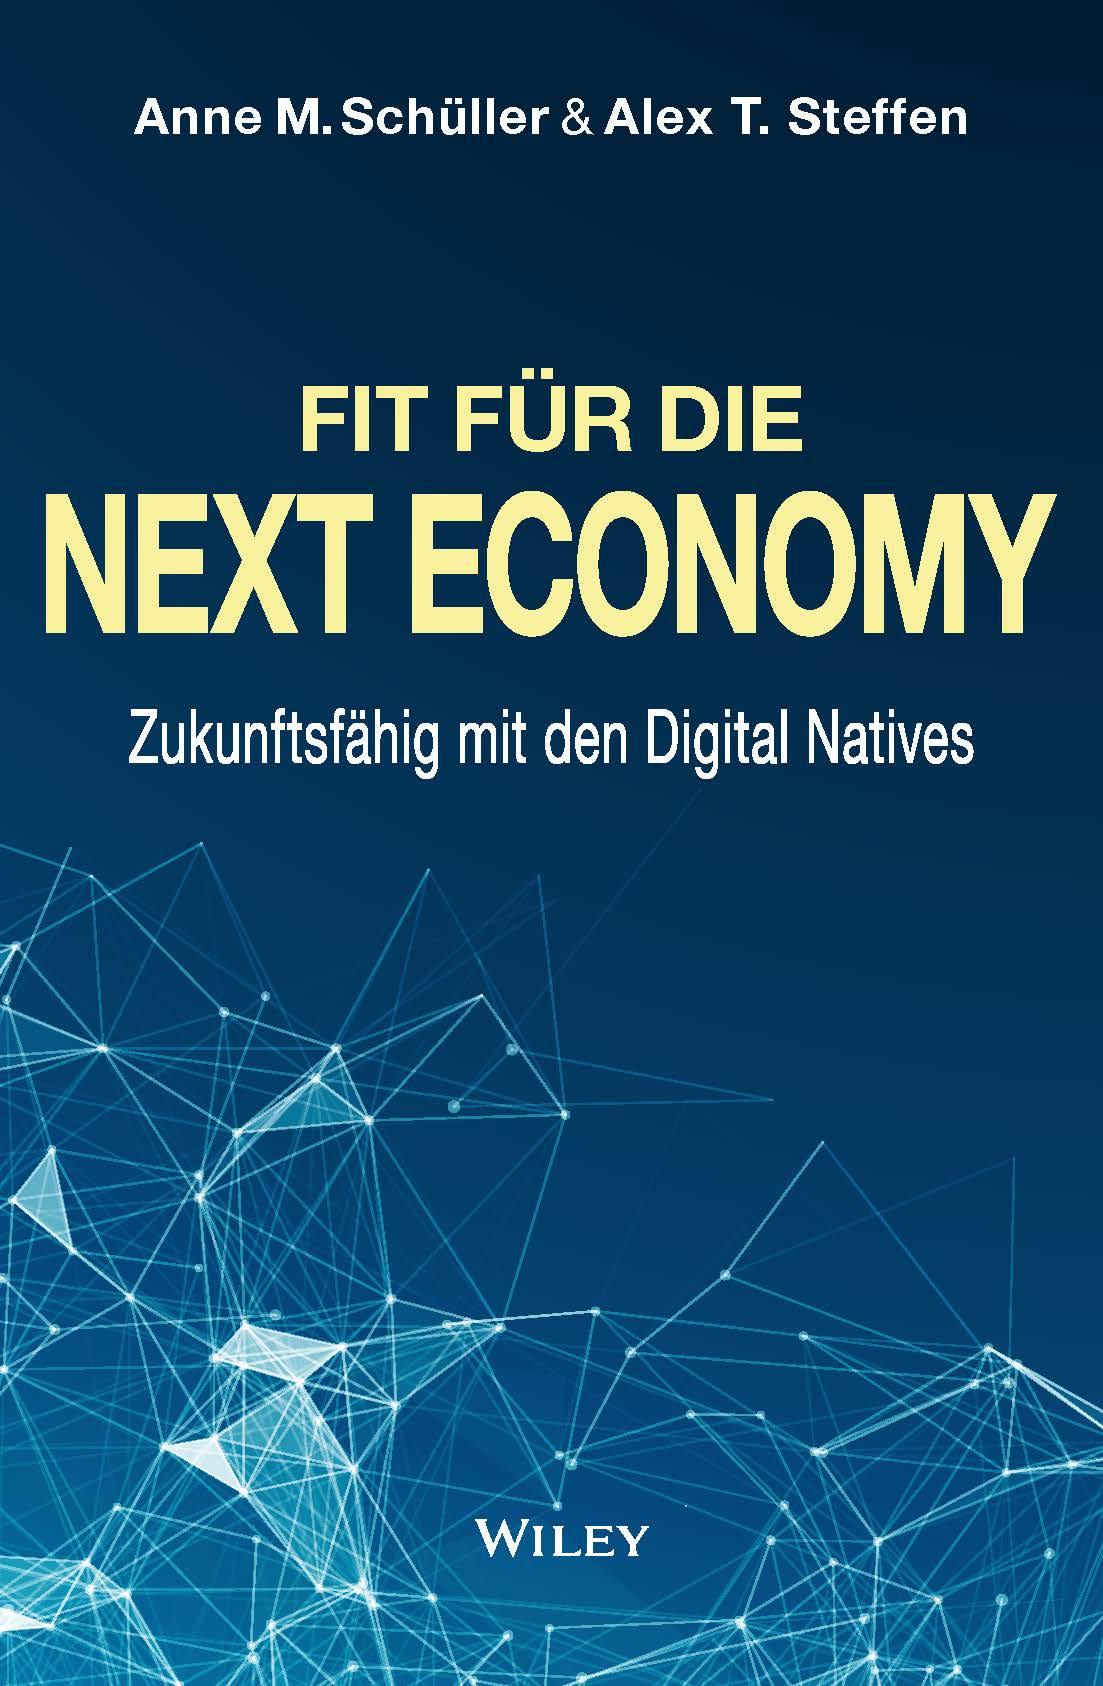 Fit für die Next Economy - Zukunftsfähig mit den Digital Natives